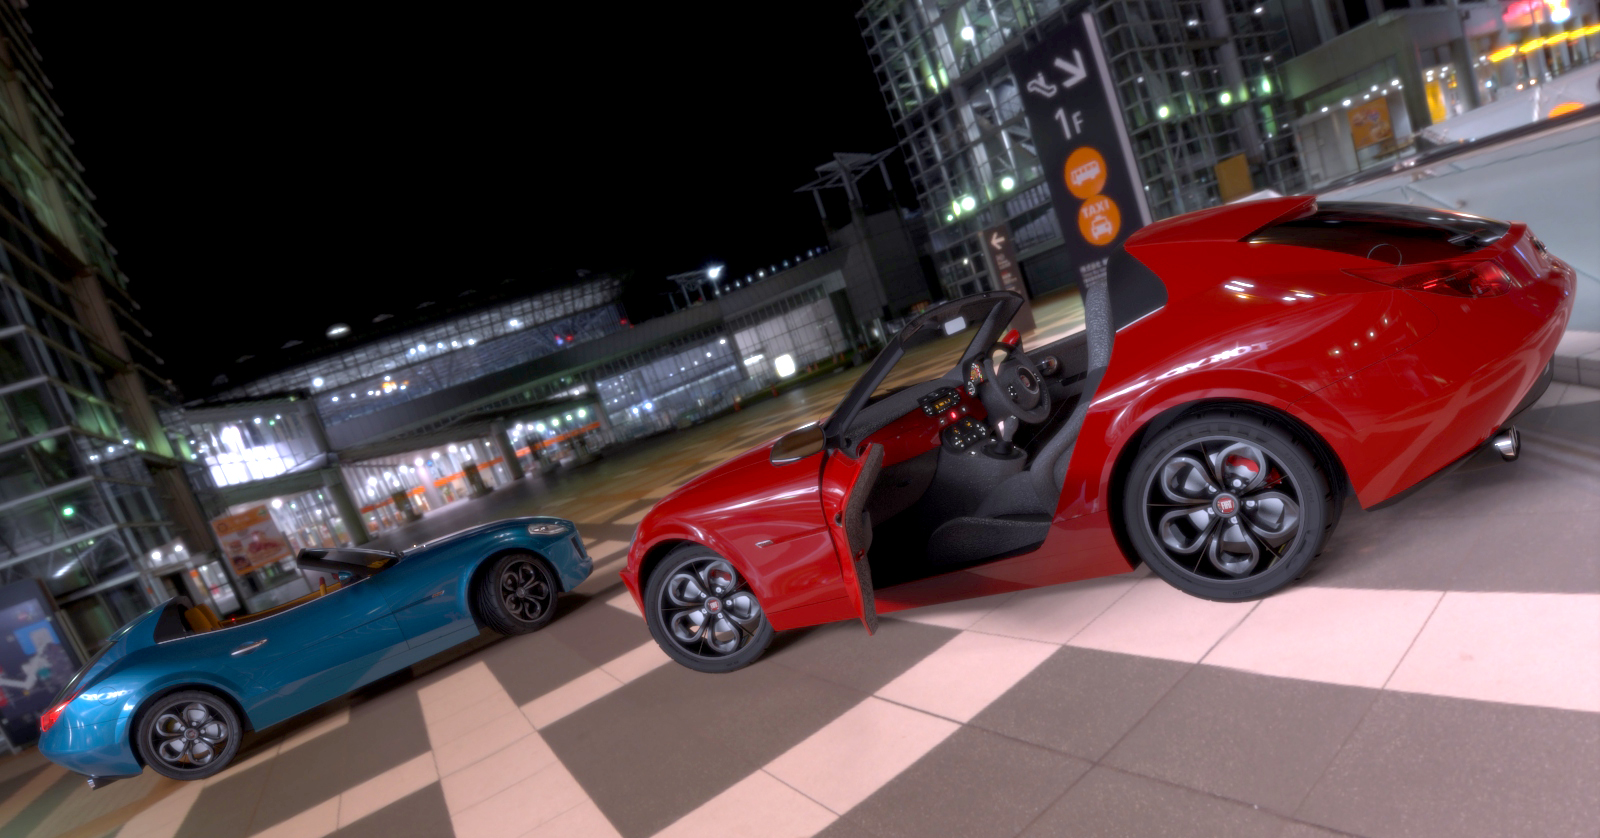 Modern Fiat Barchetta 3d art